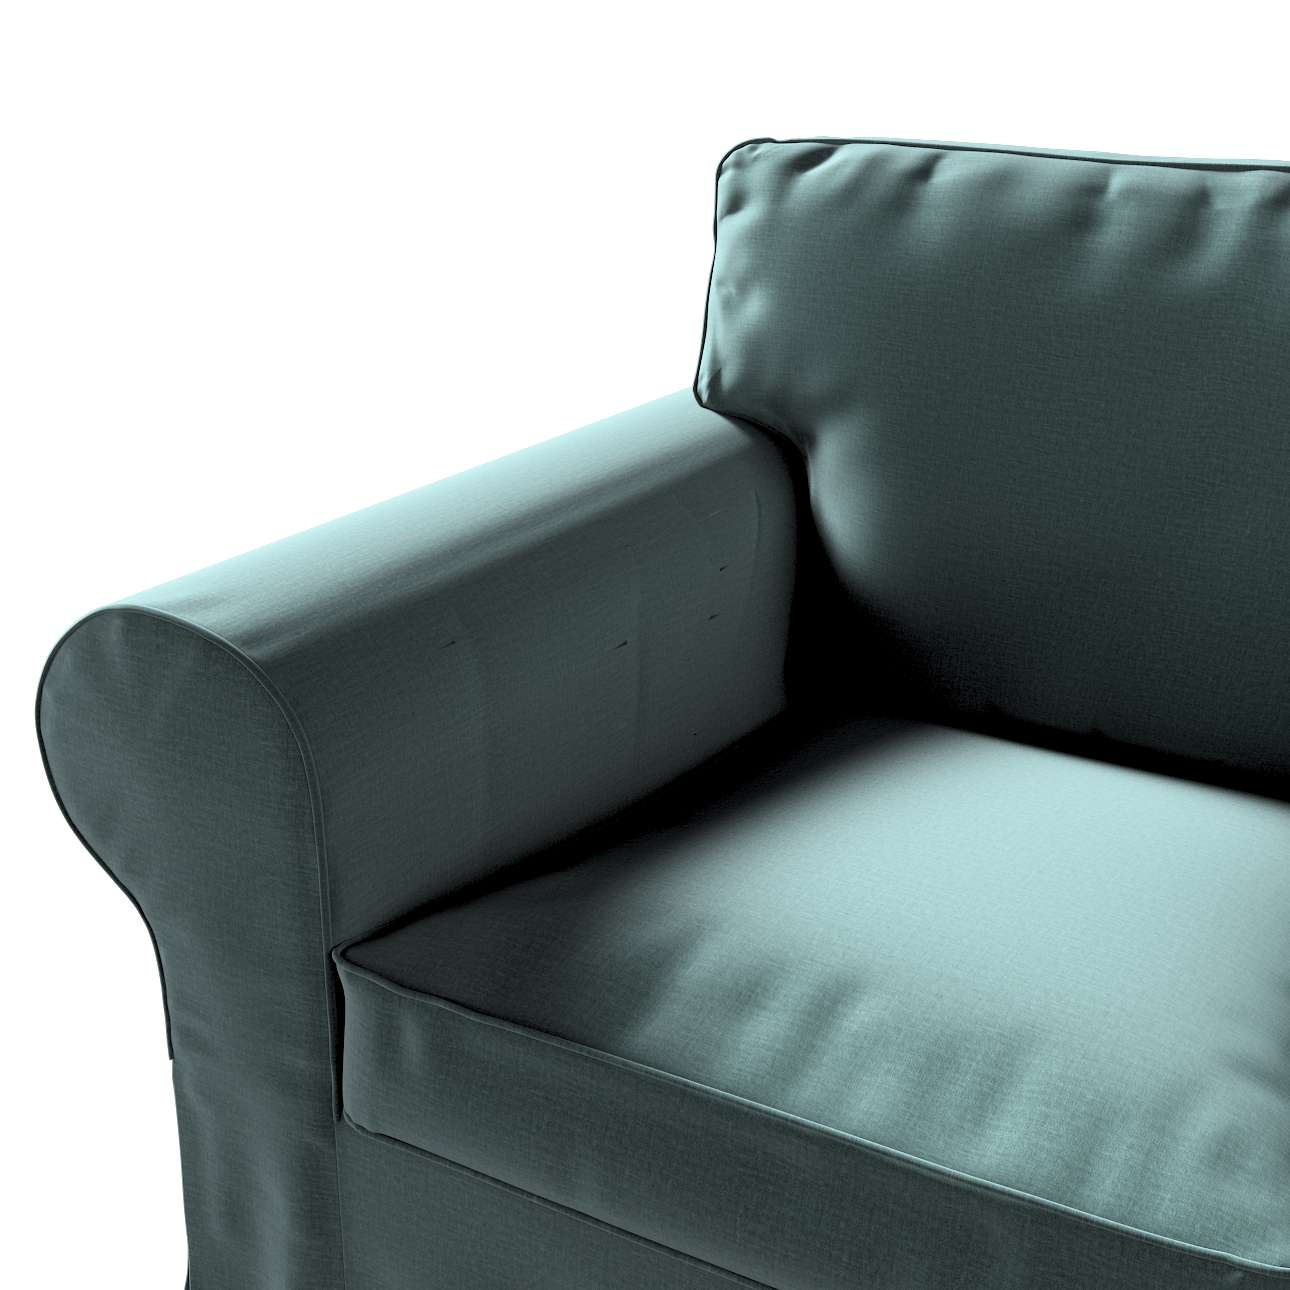 Pokrowiec na fotel Ektorp w kolekcji Ingrid, tkanina: 705-36